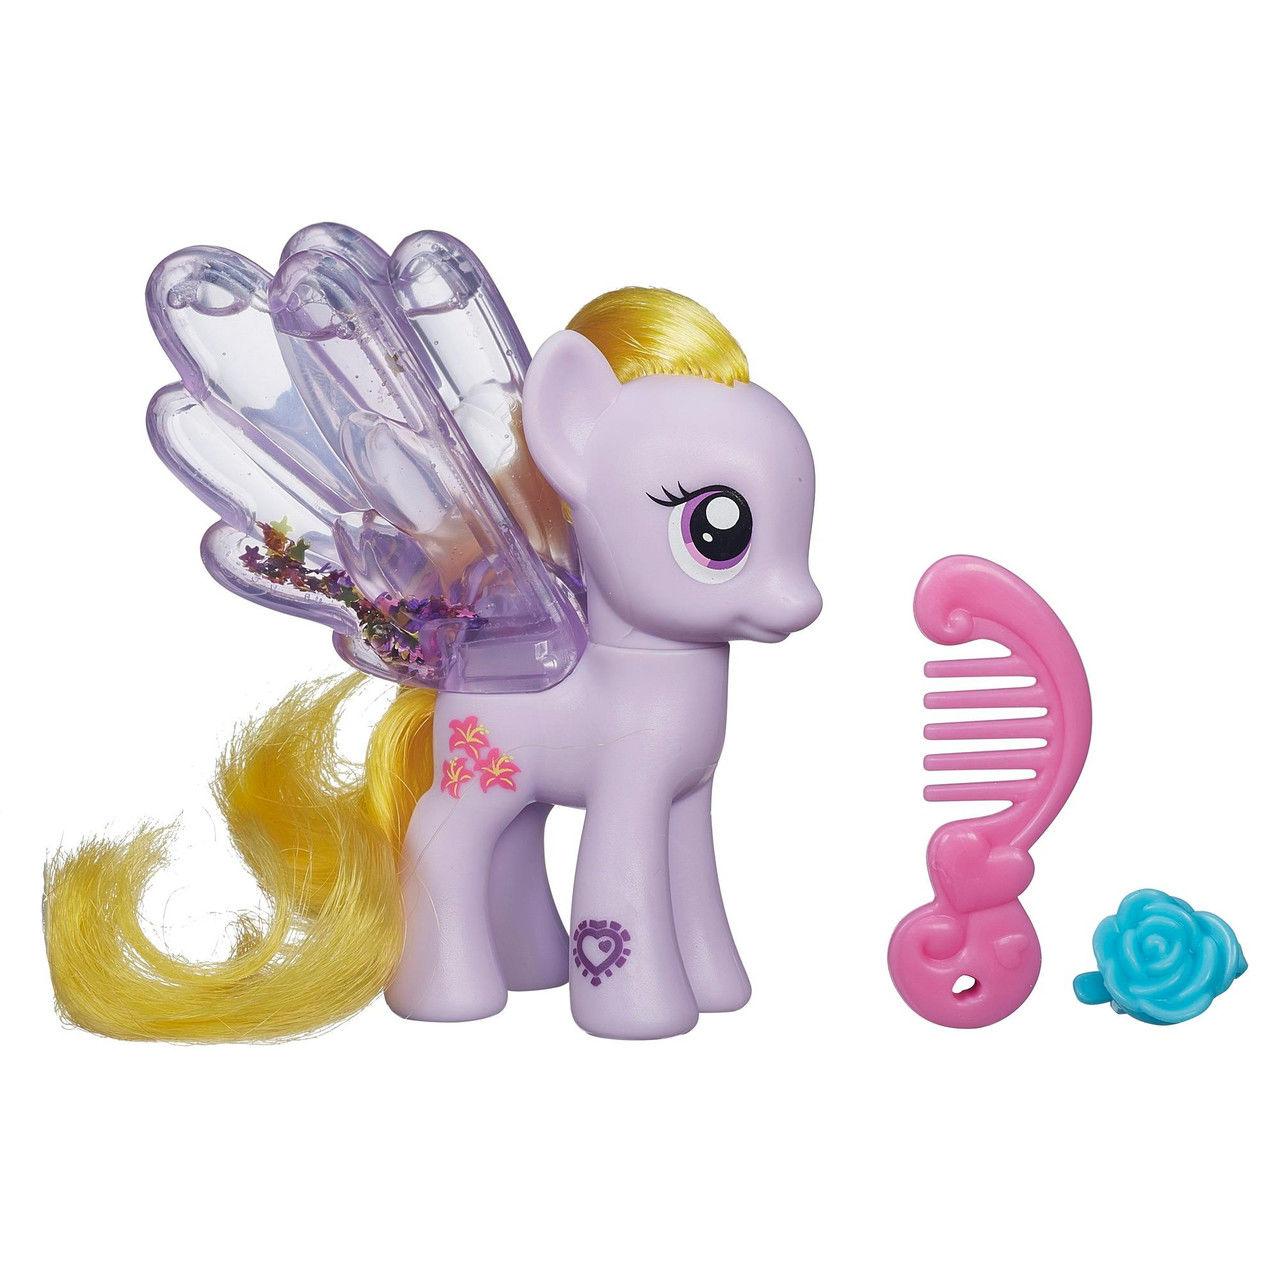 Пони с блестками - Лили Блоссом из серии Моя маленькая пониМоя маленькая пони (My Little Pony)<br>Пони с блестками - Лили Блоссом из серии Моя маленькая пони<br>